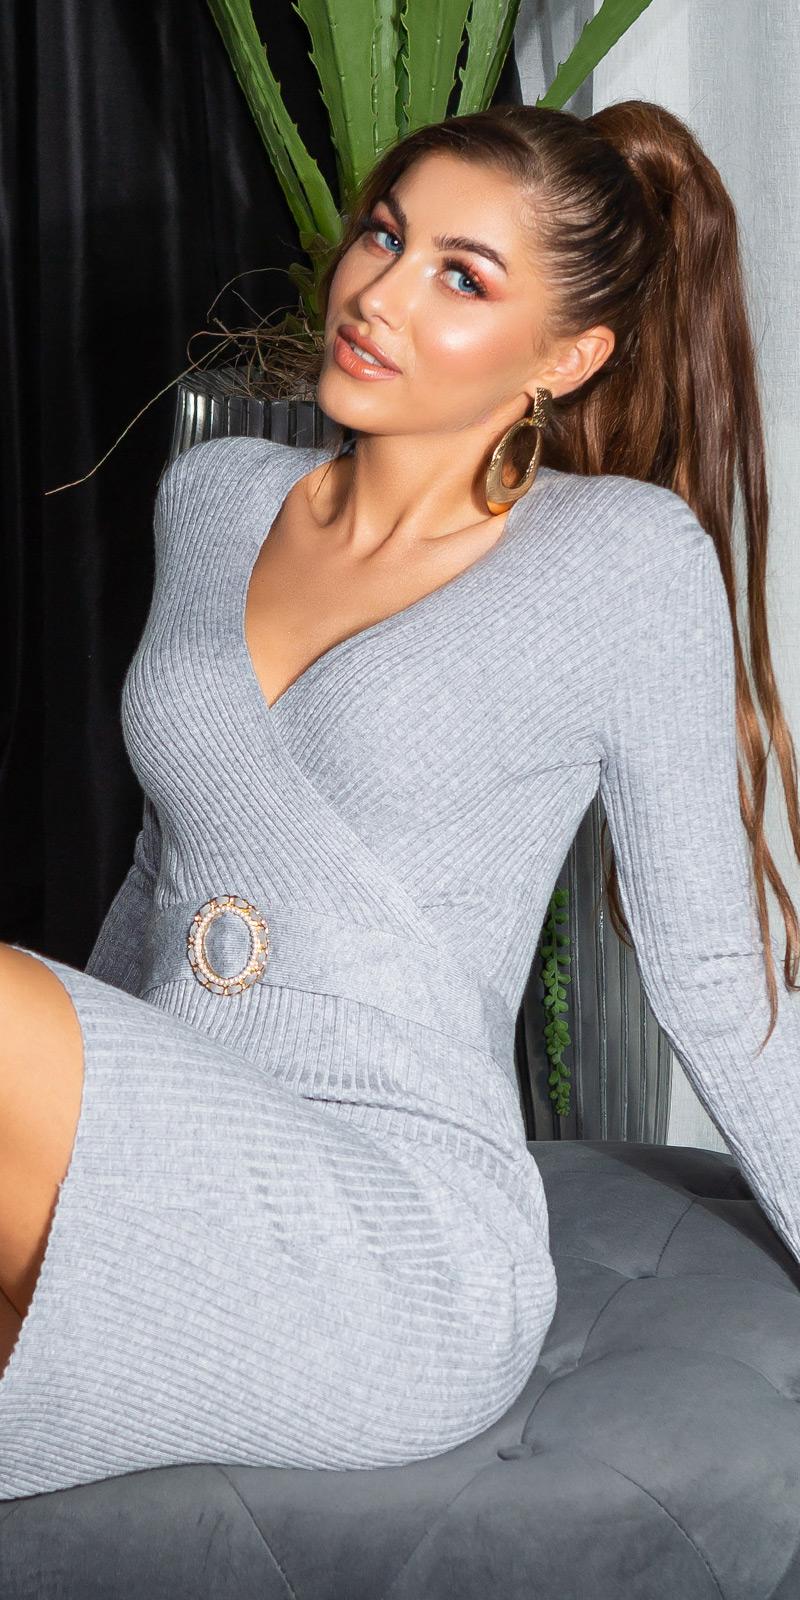 Rochii Sexy cu decolteu in v cu striatii tricot